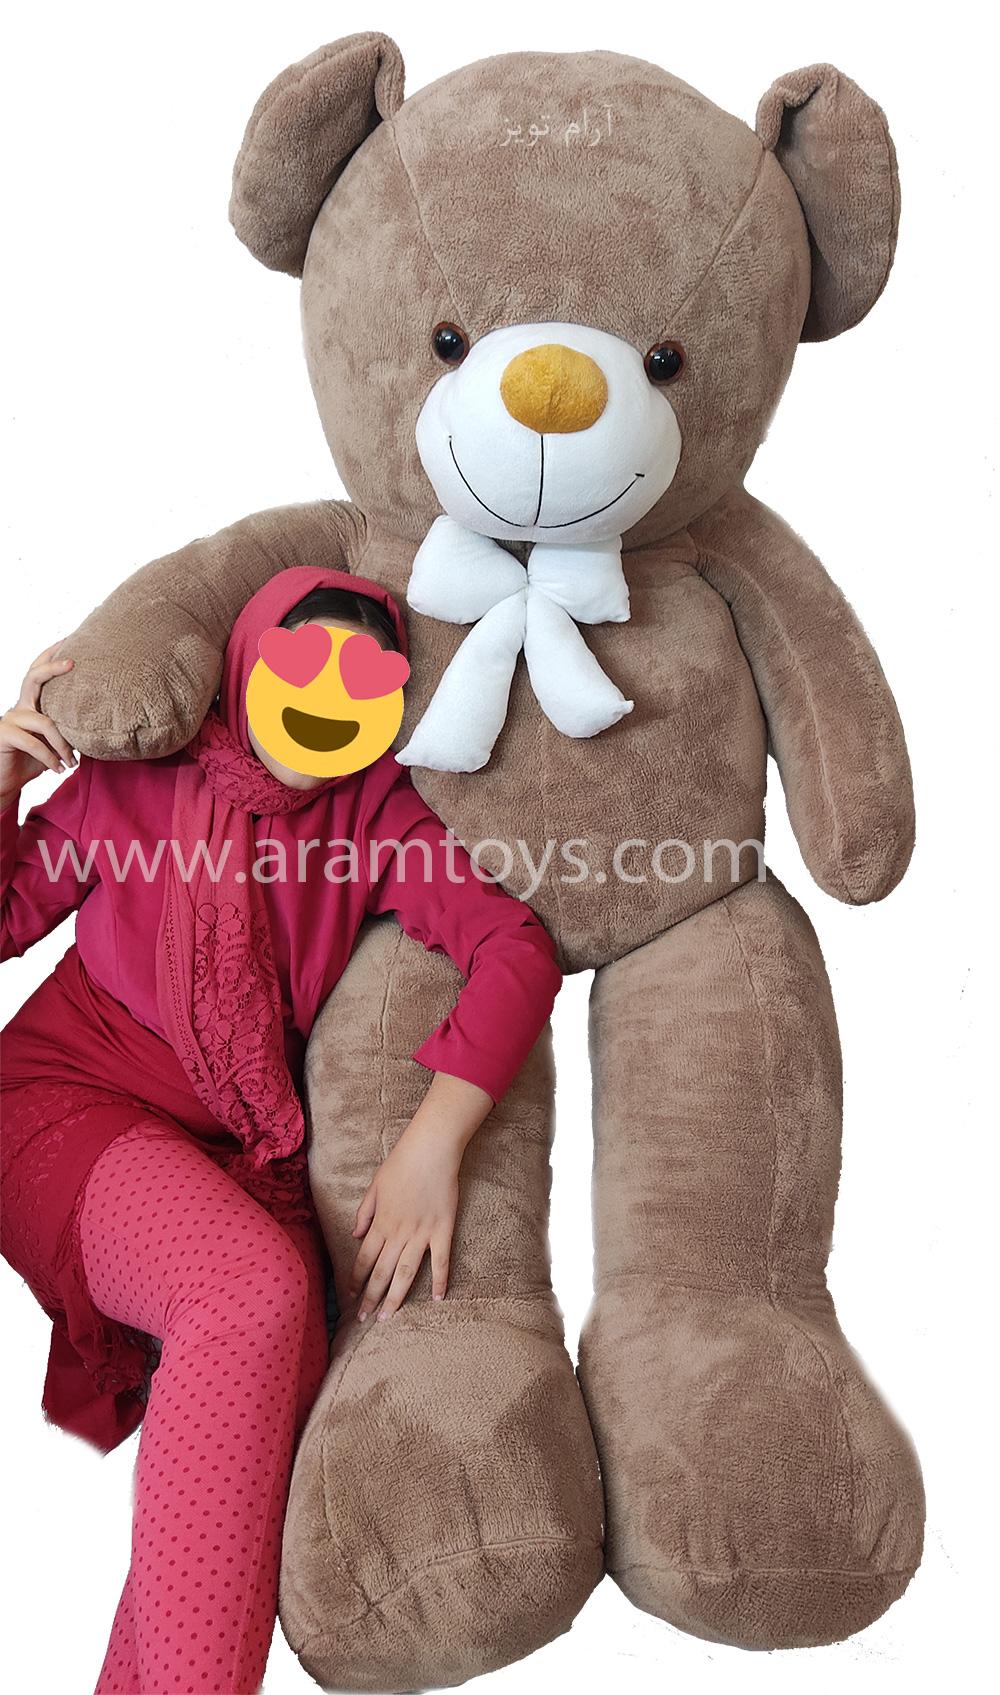 تصویر خرس بزرگ عروسکی نسکافه ای